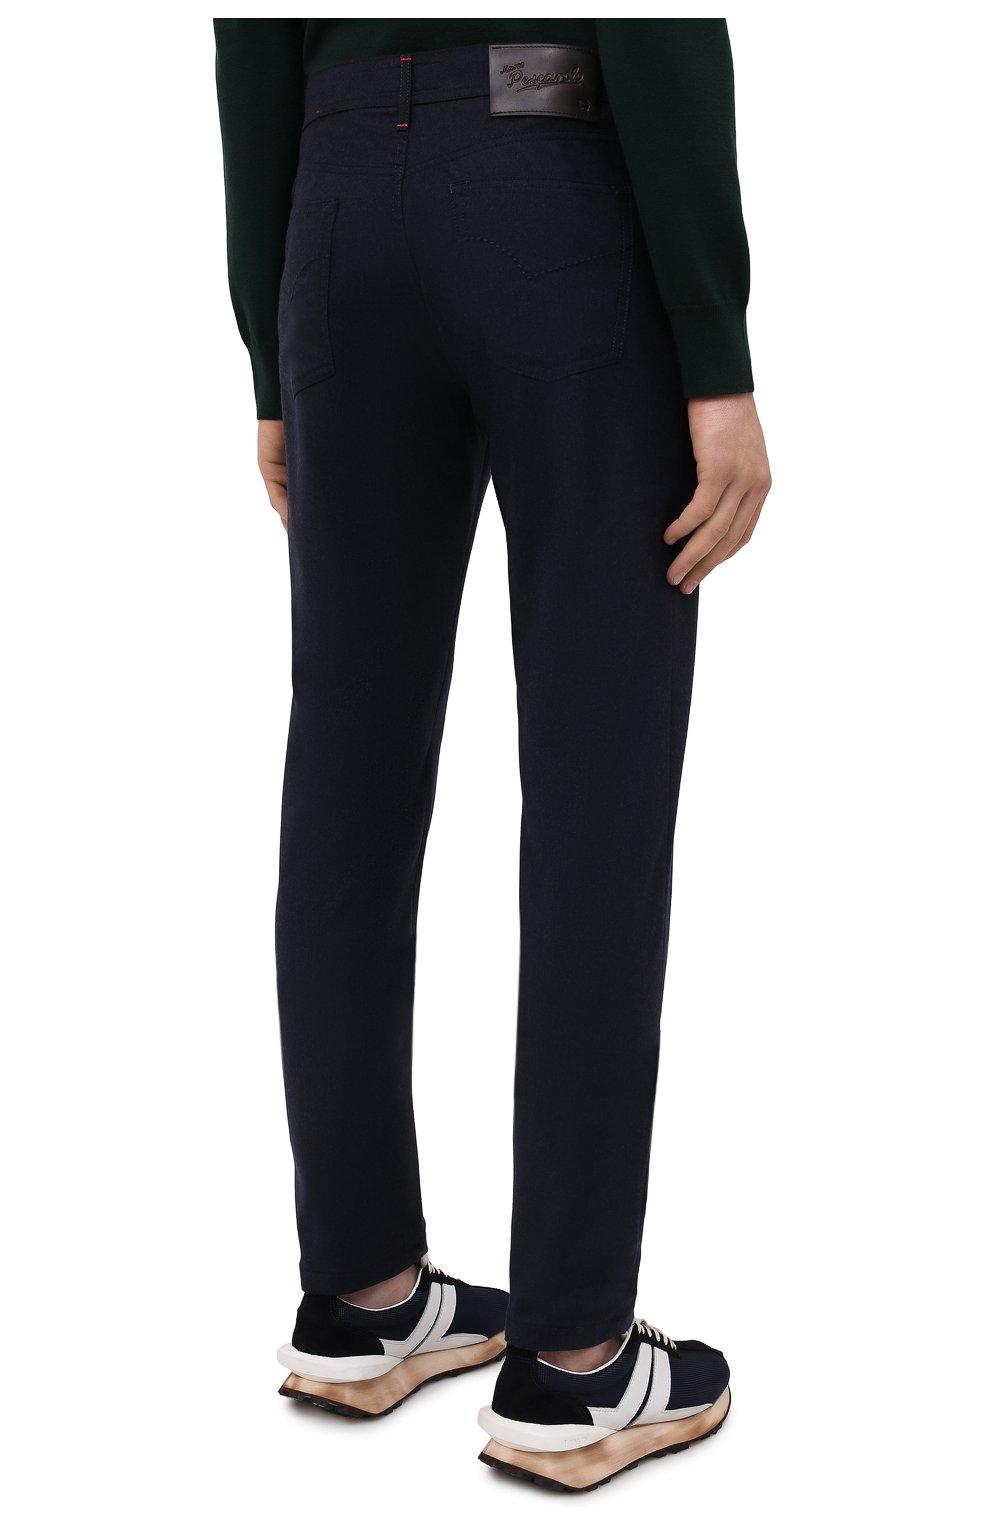 Мужские кашемировые брюки MARCO PESCAROLO темно-синего цвета, арт. NERAN0M18/ZIP/4442 | Фото 4 (Материал внешний: Шерсть, Кашемир; Длина (брюки, джинсы): Стандартные; Случай: Повседневный; Стили: Кэжуэл)